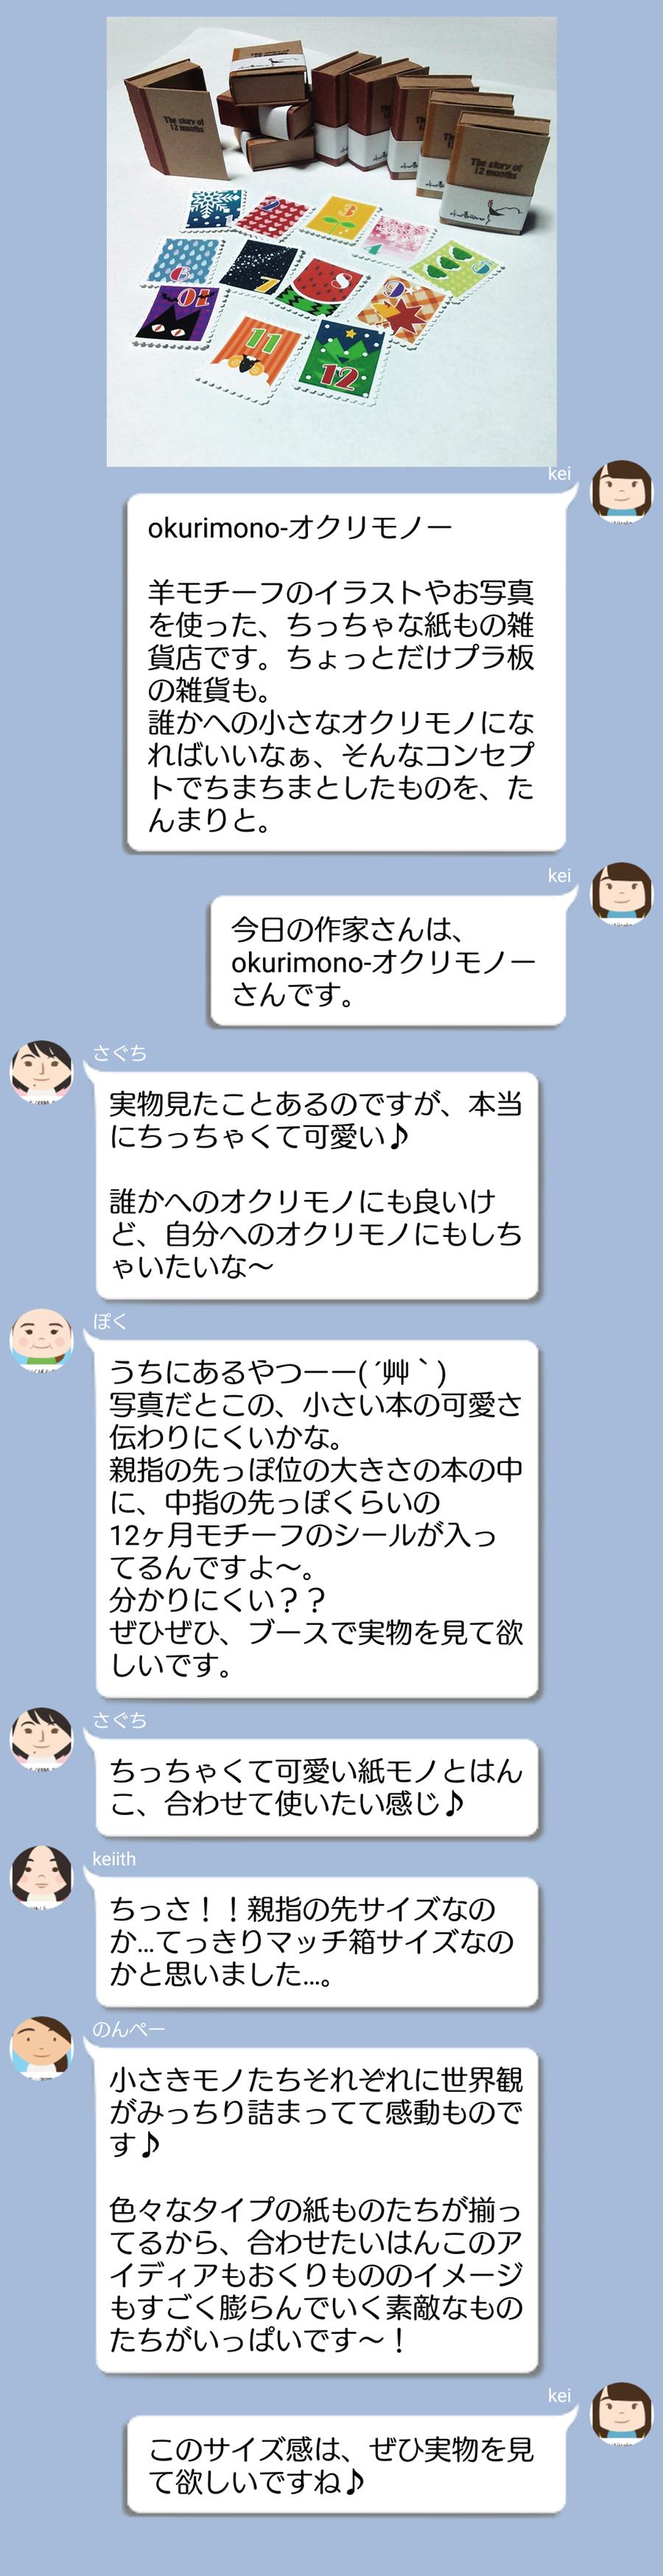 7okurimono.png